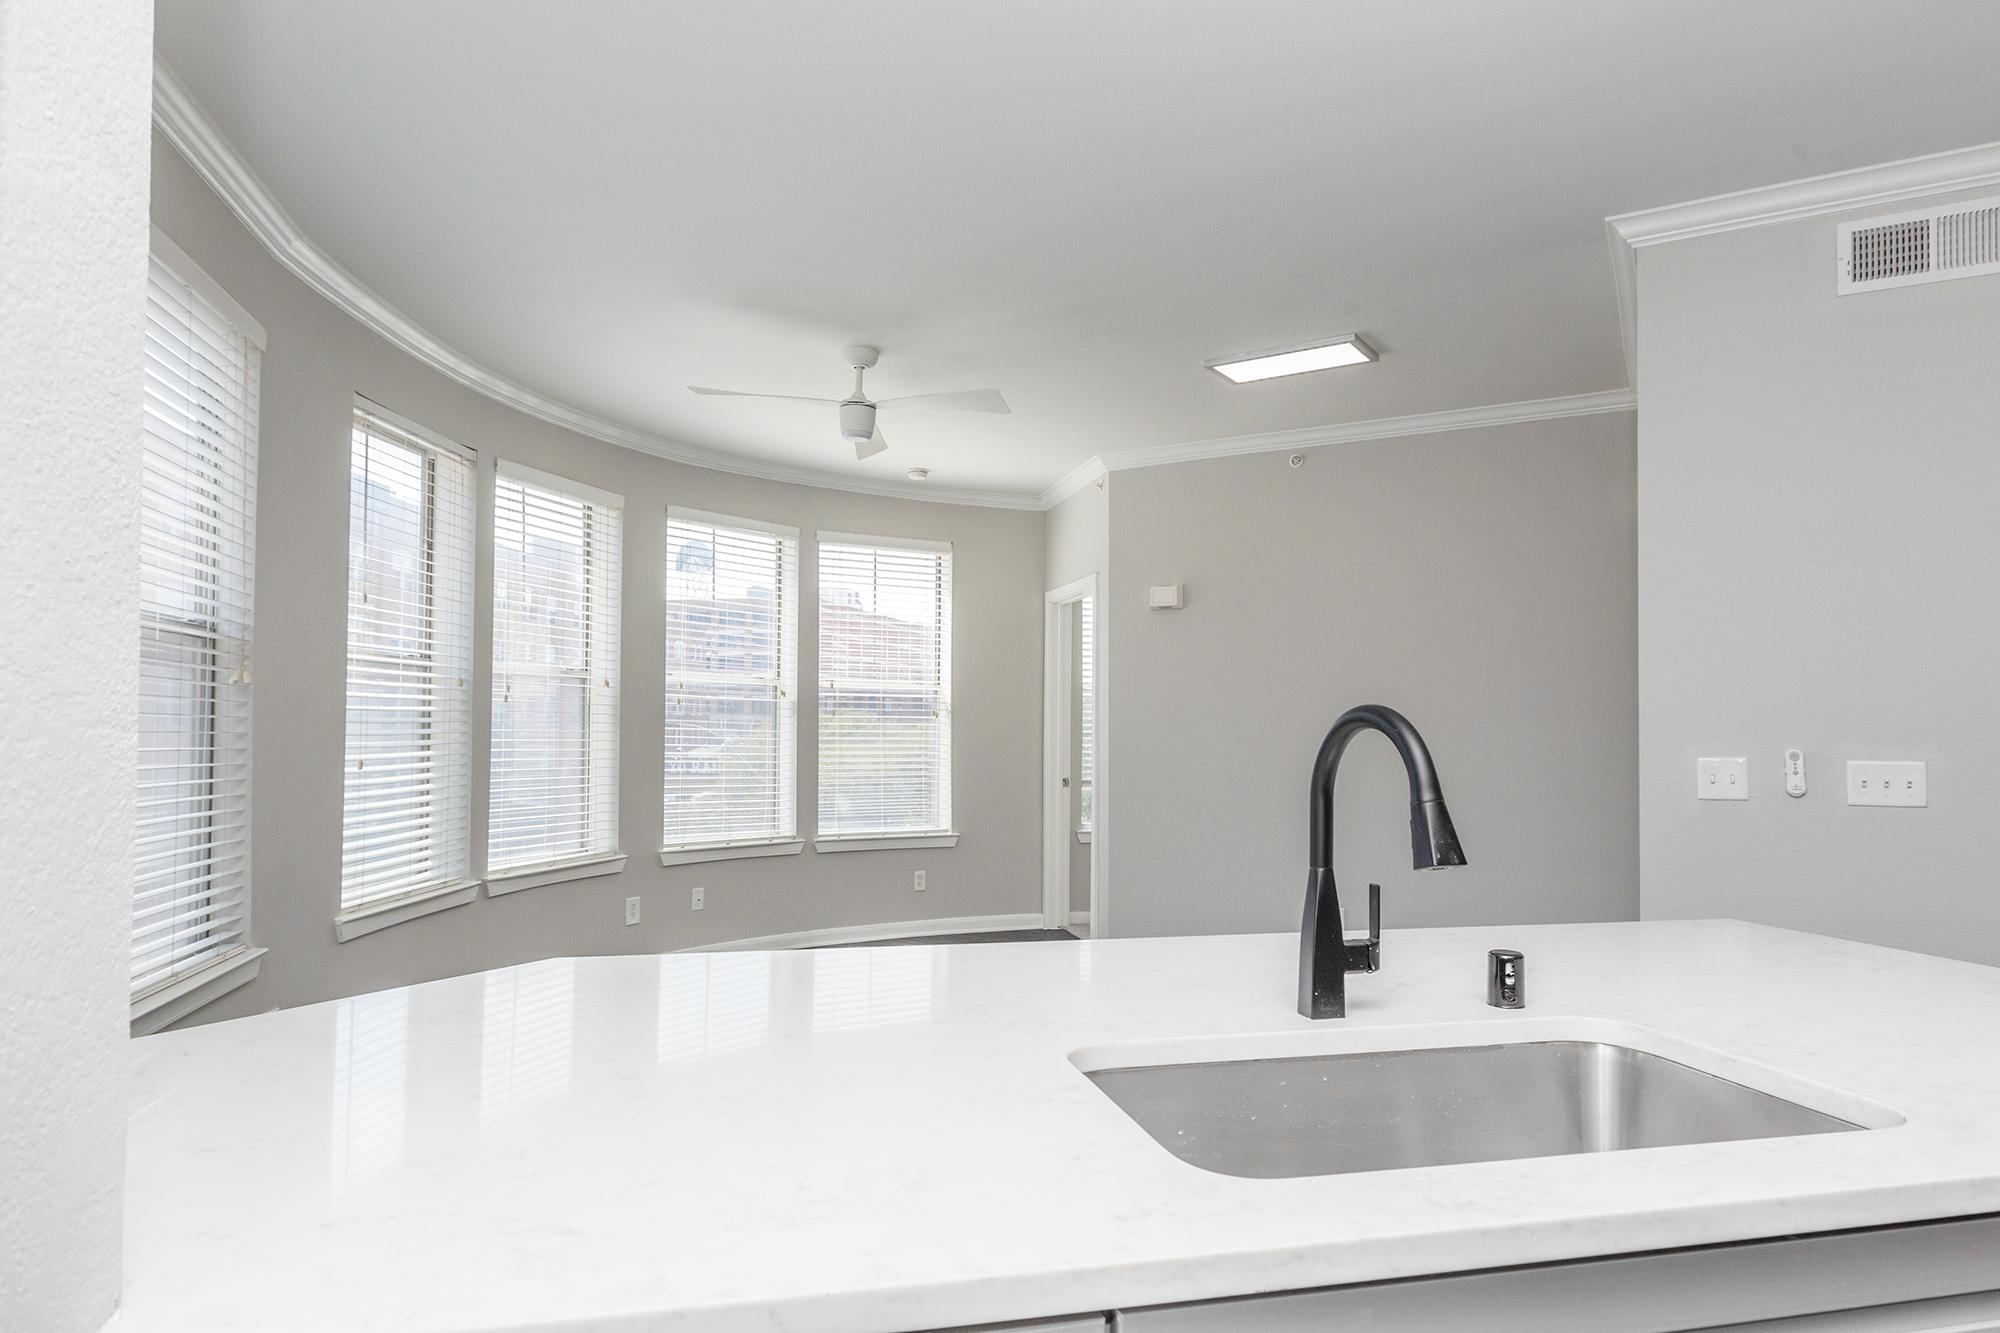 a white sink under a mirror next to a window